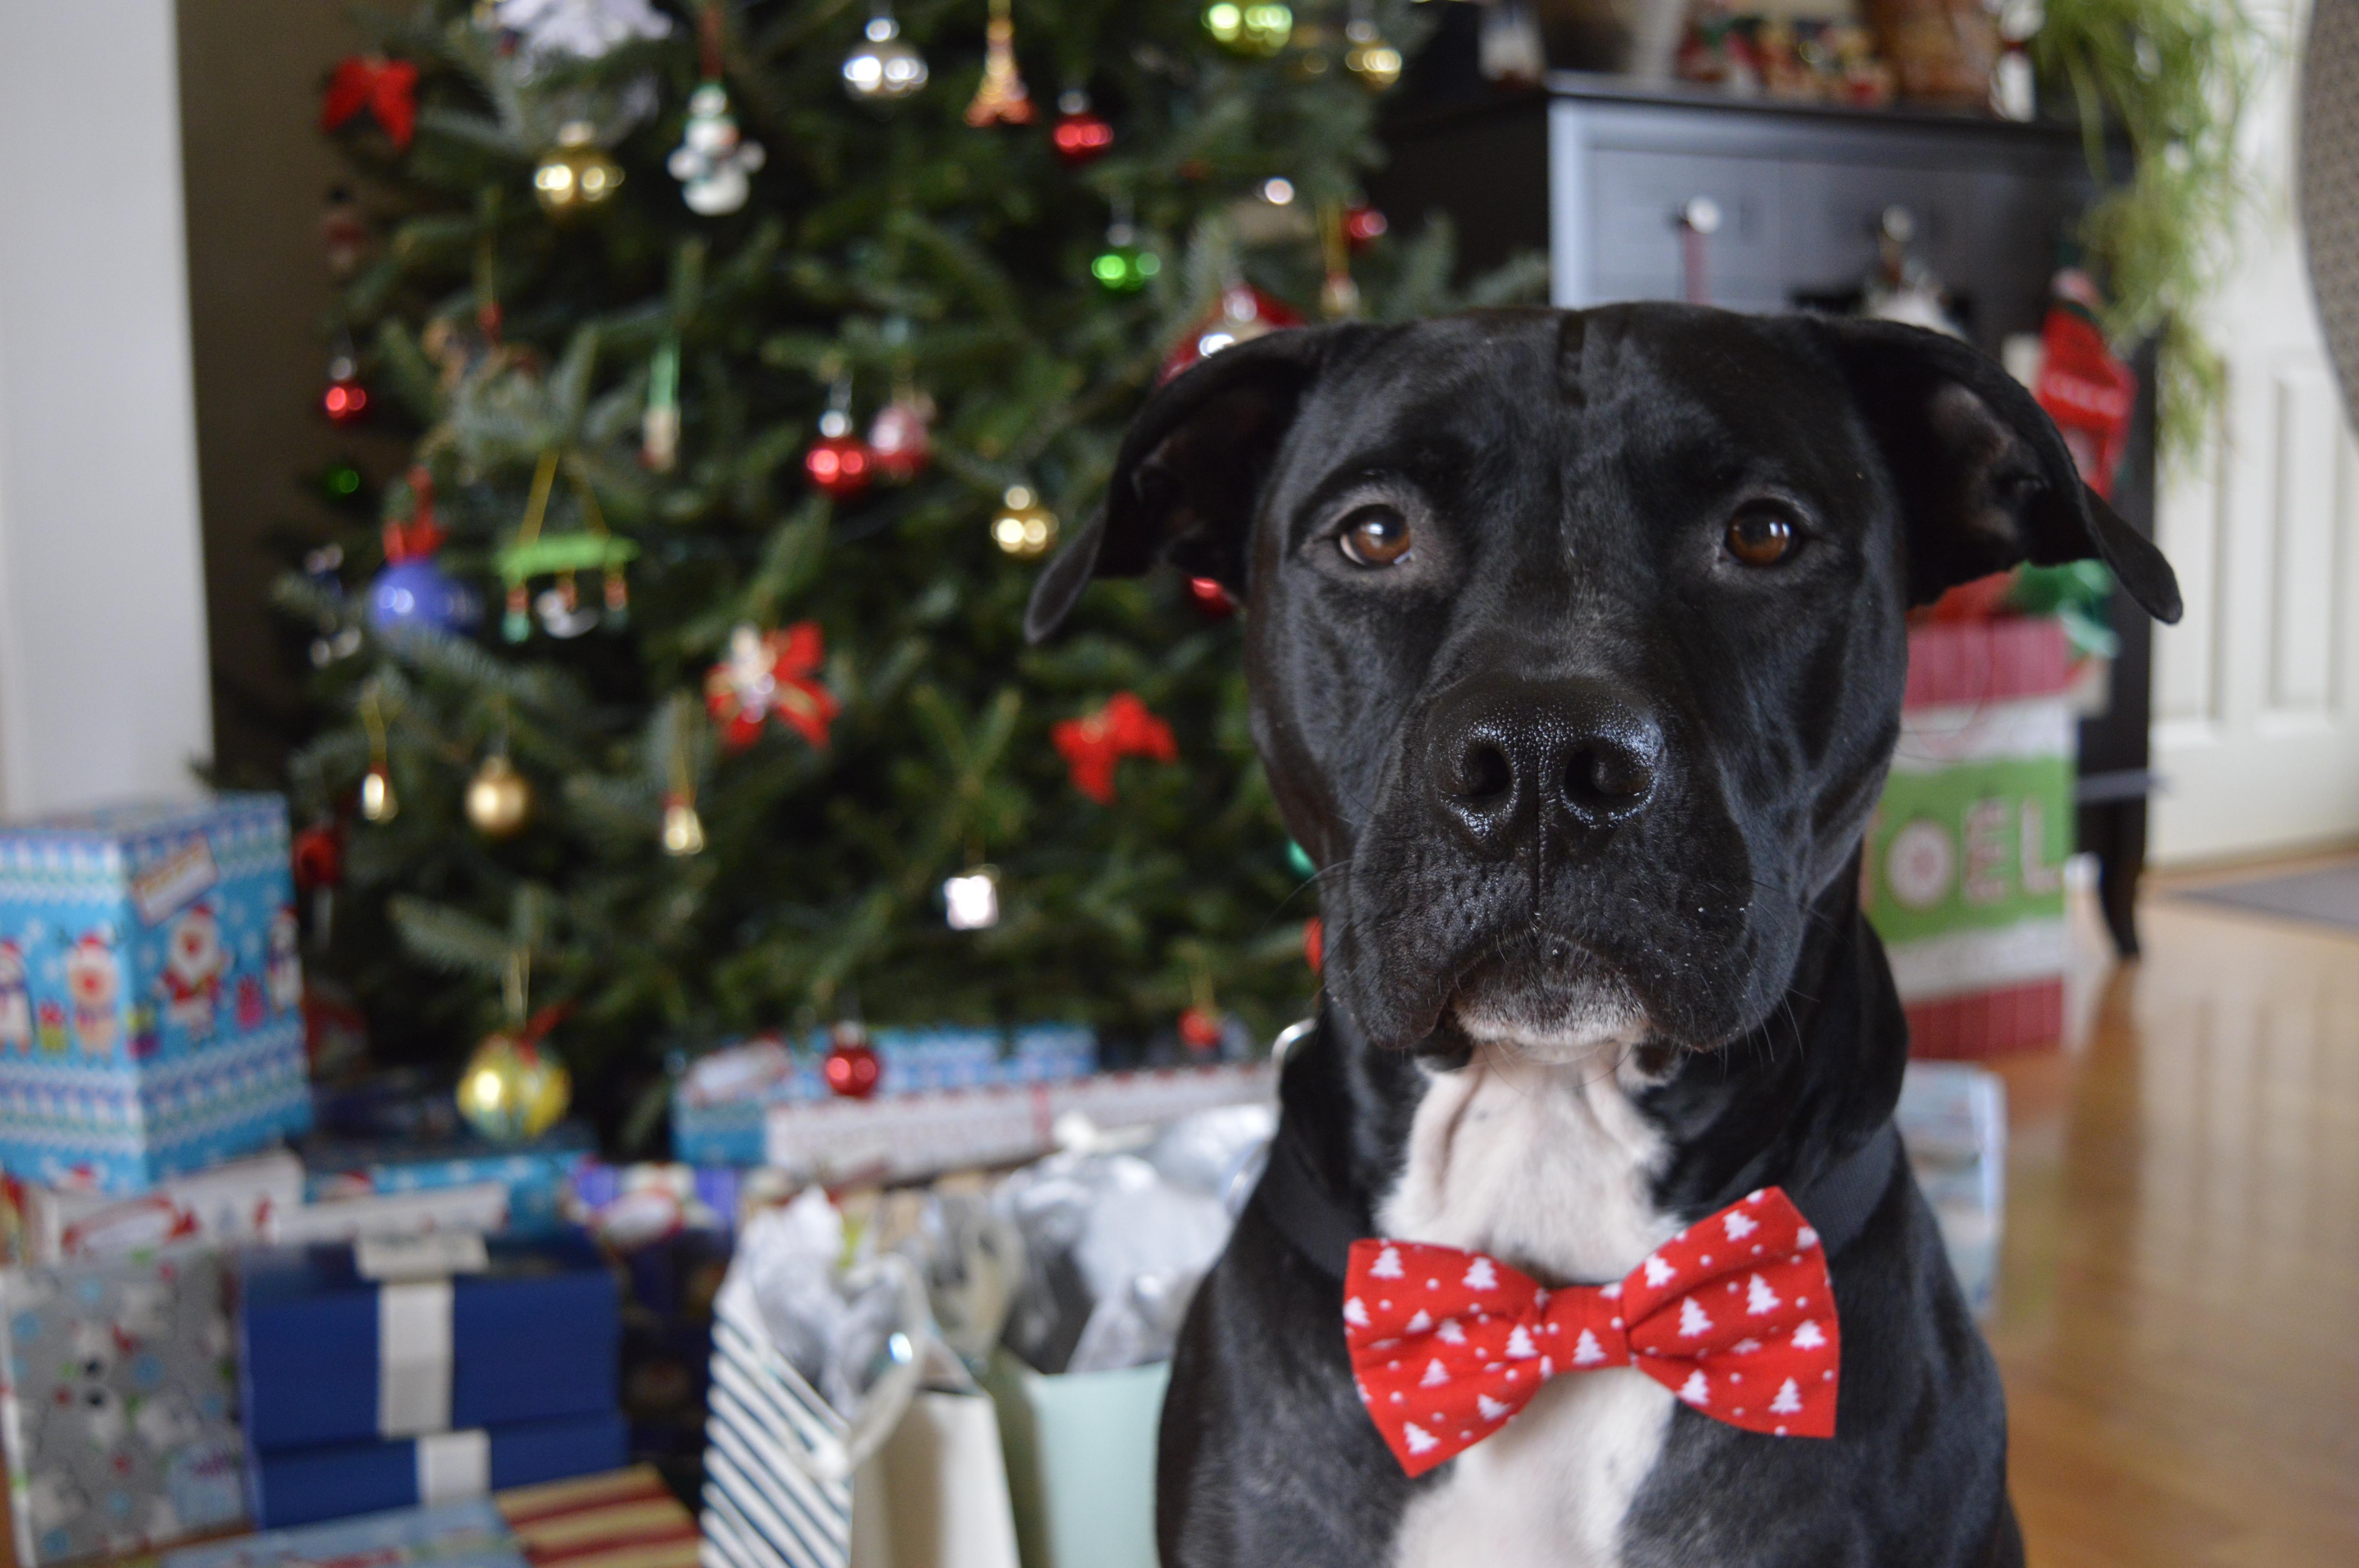 Enzo regarde la caméra. Il porte un noeuf papillon rouge et se trouve devant un sapin de Noël décoré avec des cadeaux emballés sous ce dernier.